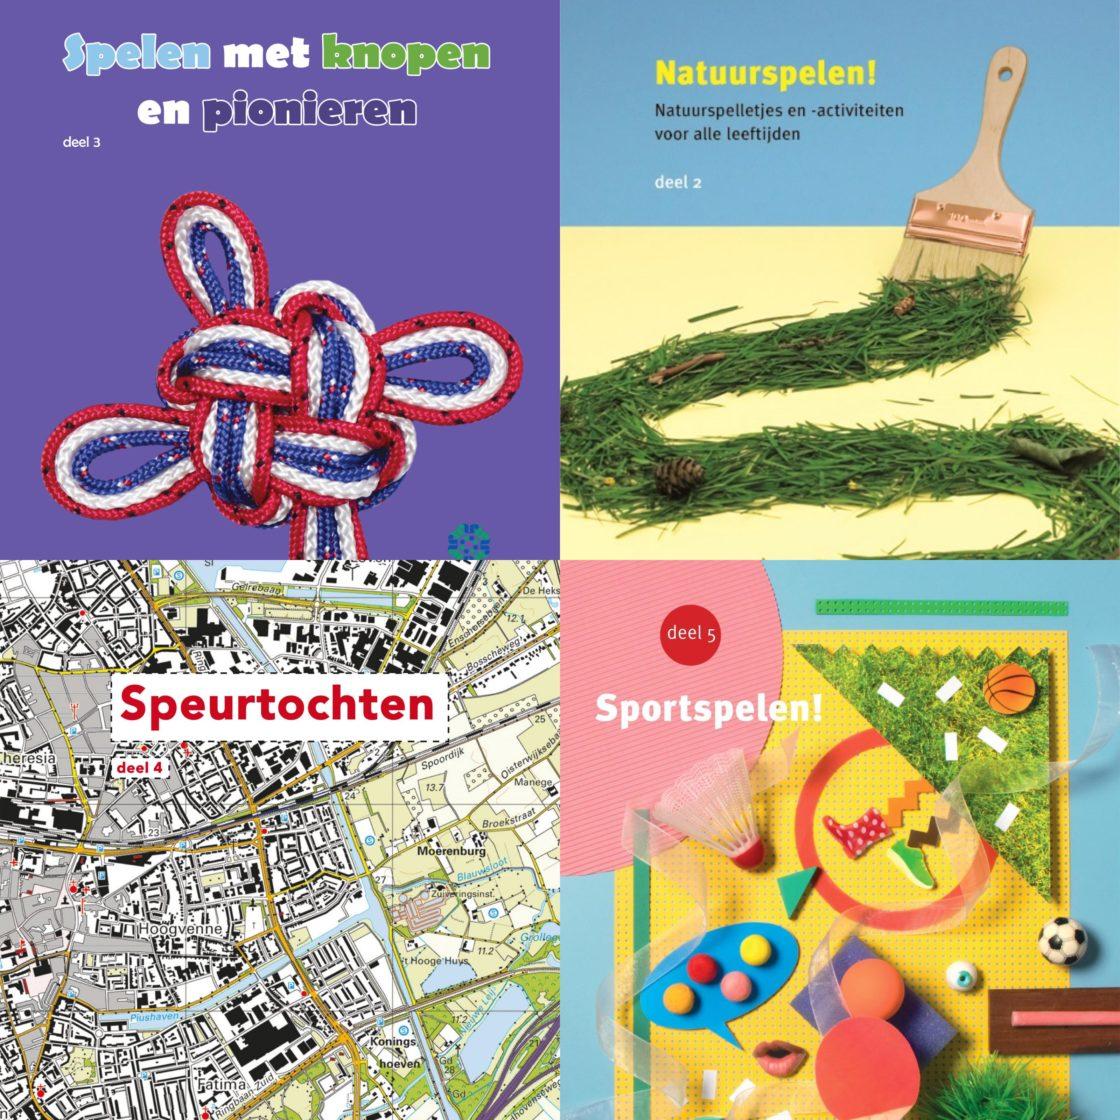 Collage van spelboekjes Natuurspelen, Spelen met knopen en pionieren, Speurtochten en Sportspelen